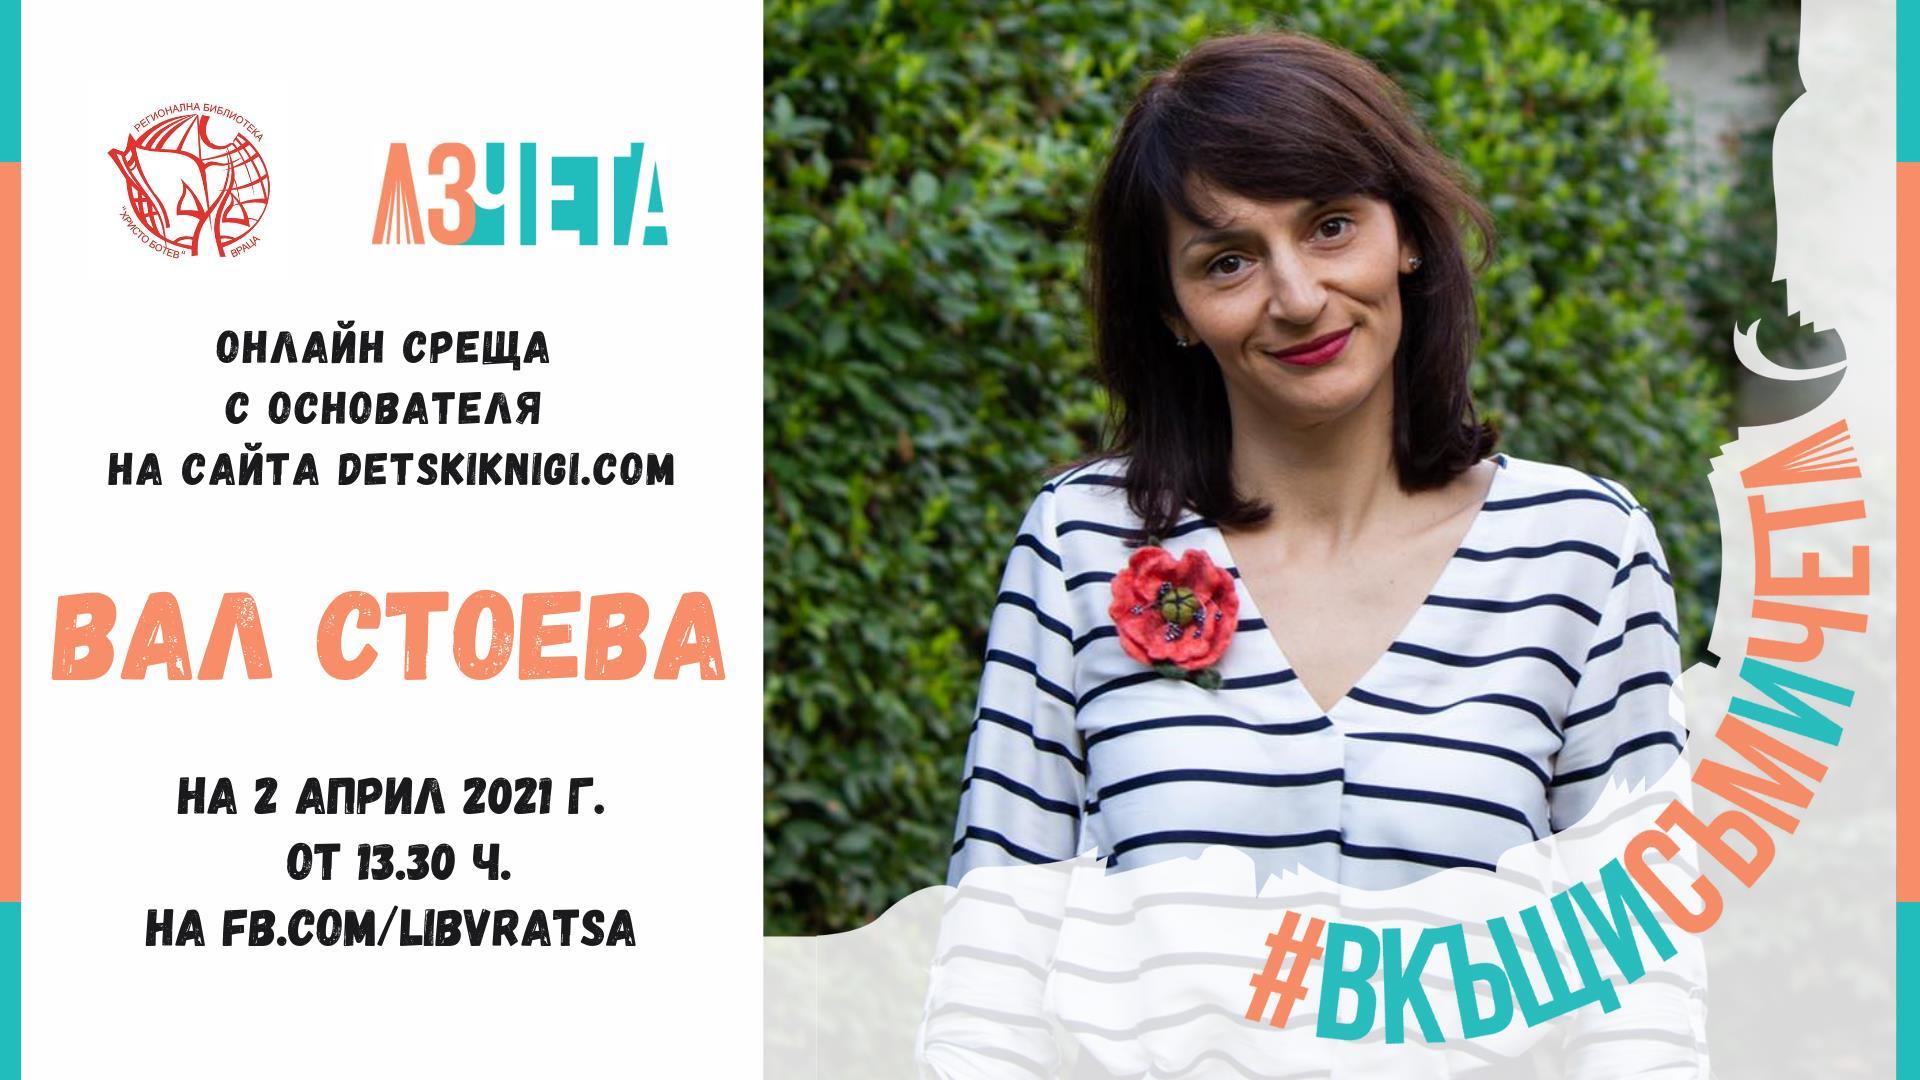 """#ВкъщиСъмИЧета17 представя Вал Стоева и """"Бисерче вълшебно"""""""